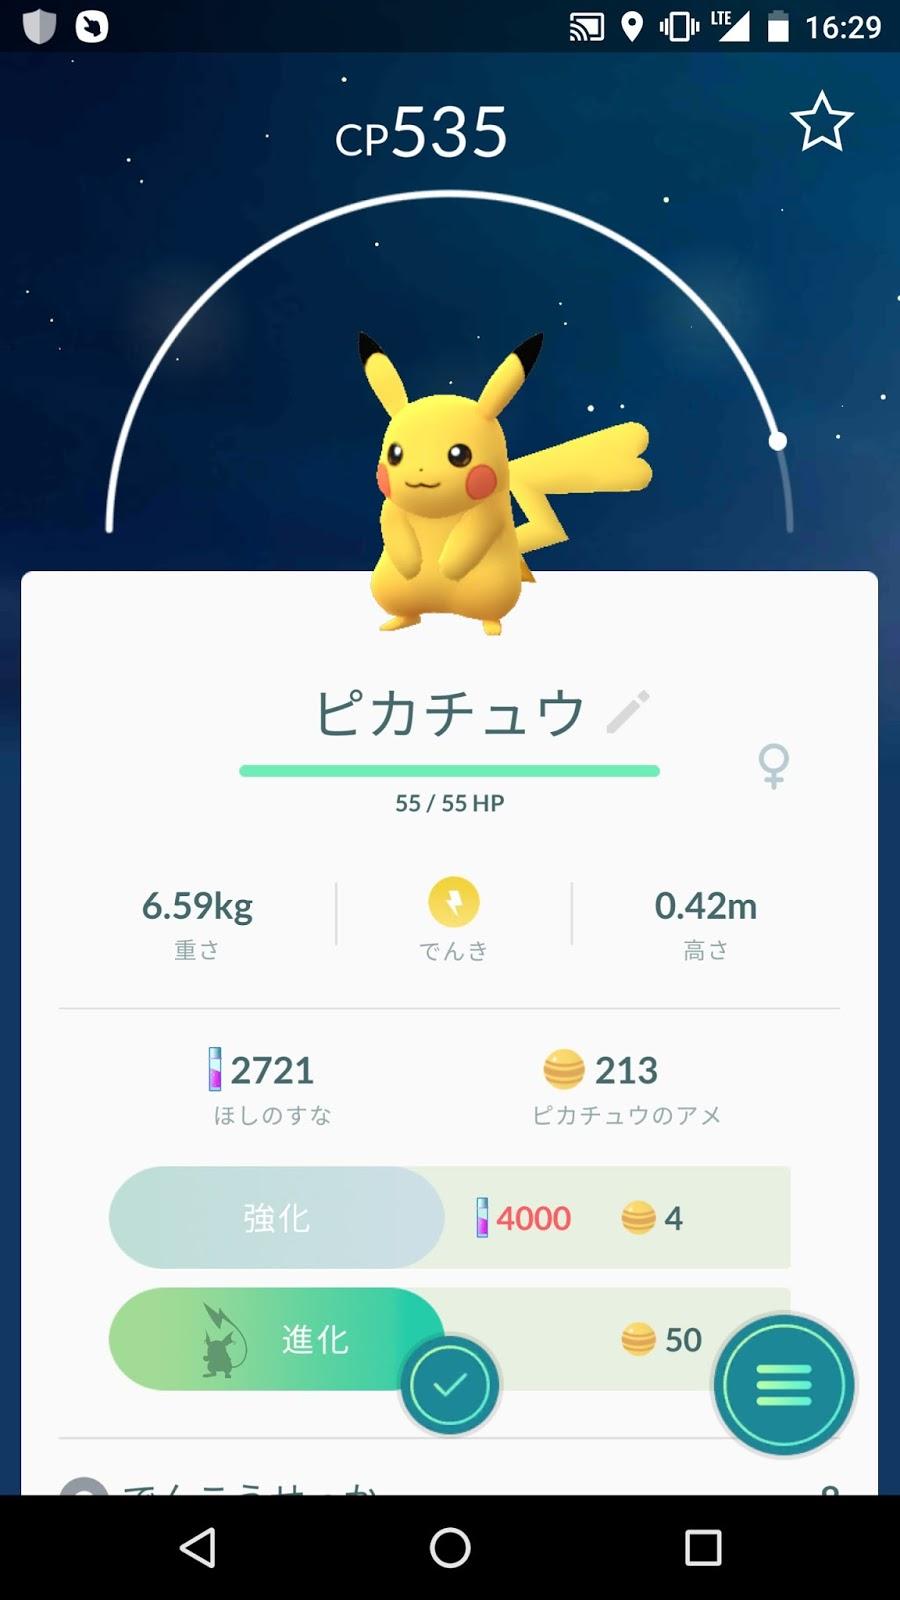 ポケモンgo日記(pokemon go diary in japan): ポケモンgoのピカチュウ